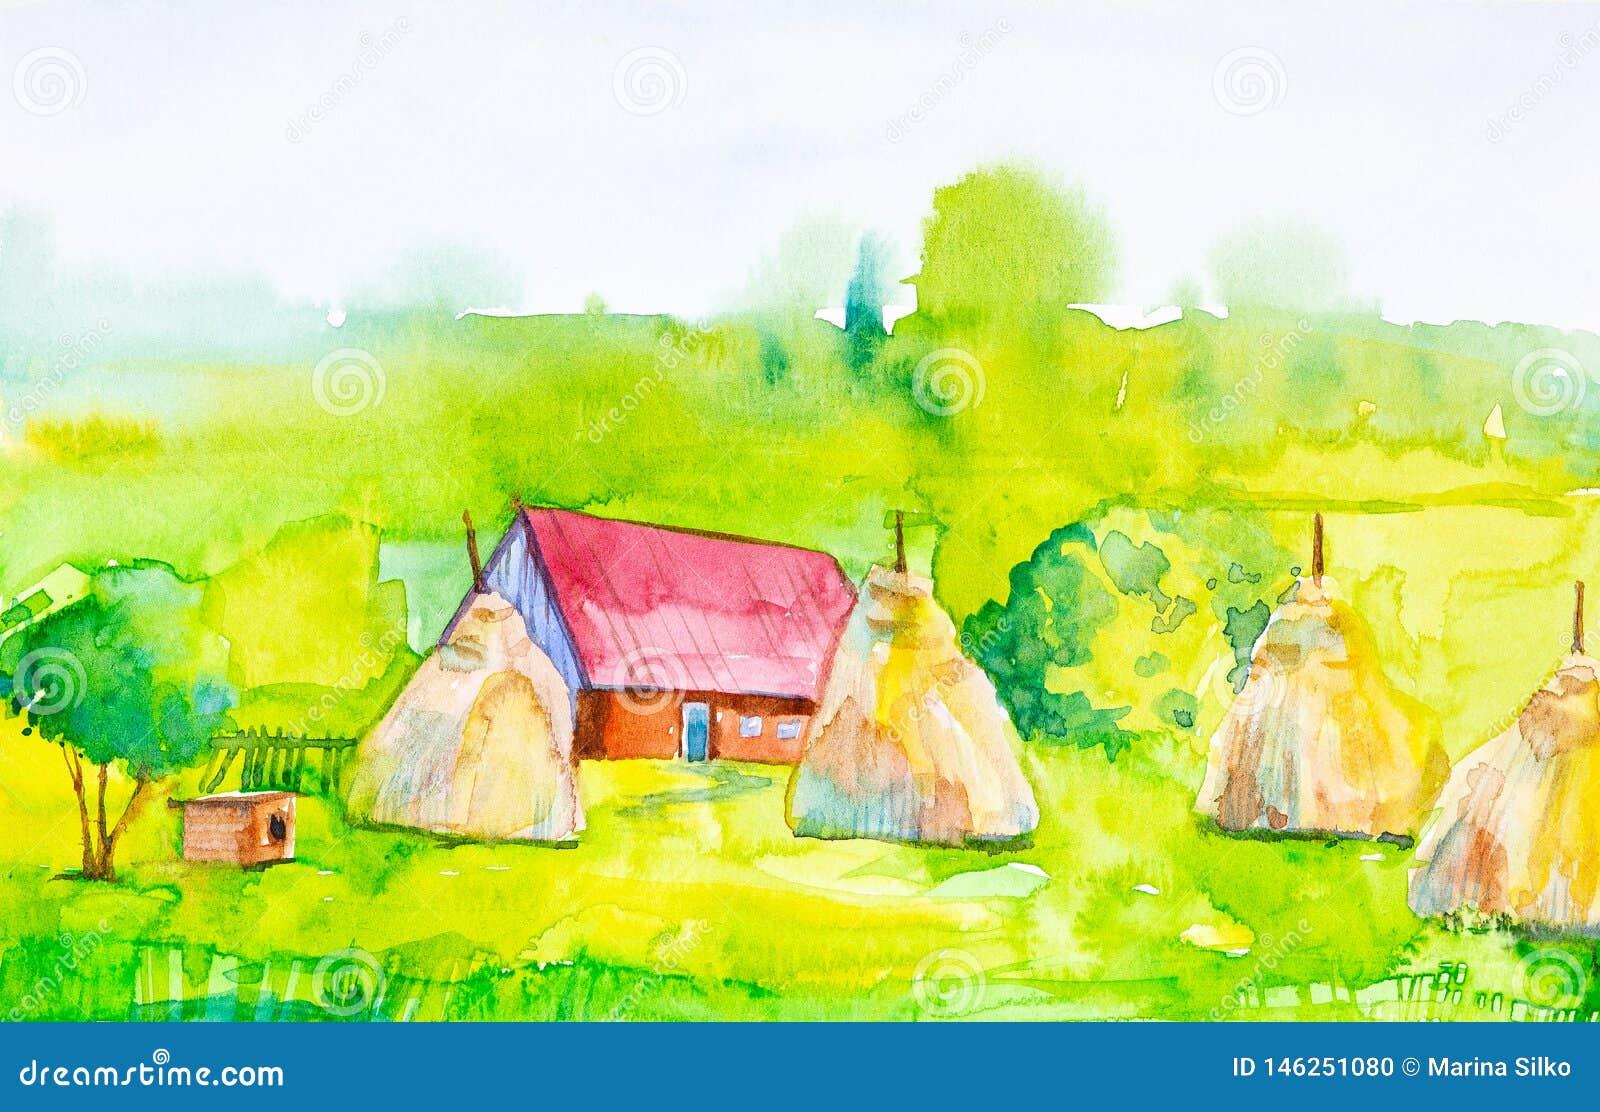 Aquarellillustration eines Dorfhauses und -heuschober mit einer Hundehütte im Vordergrund Gr?ner Wald im Hintergrund